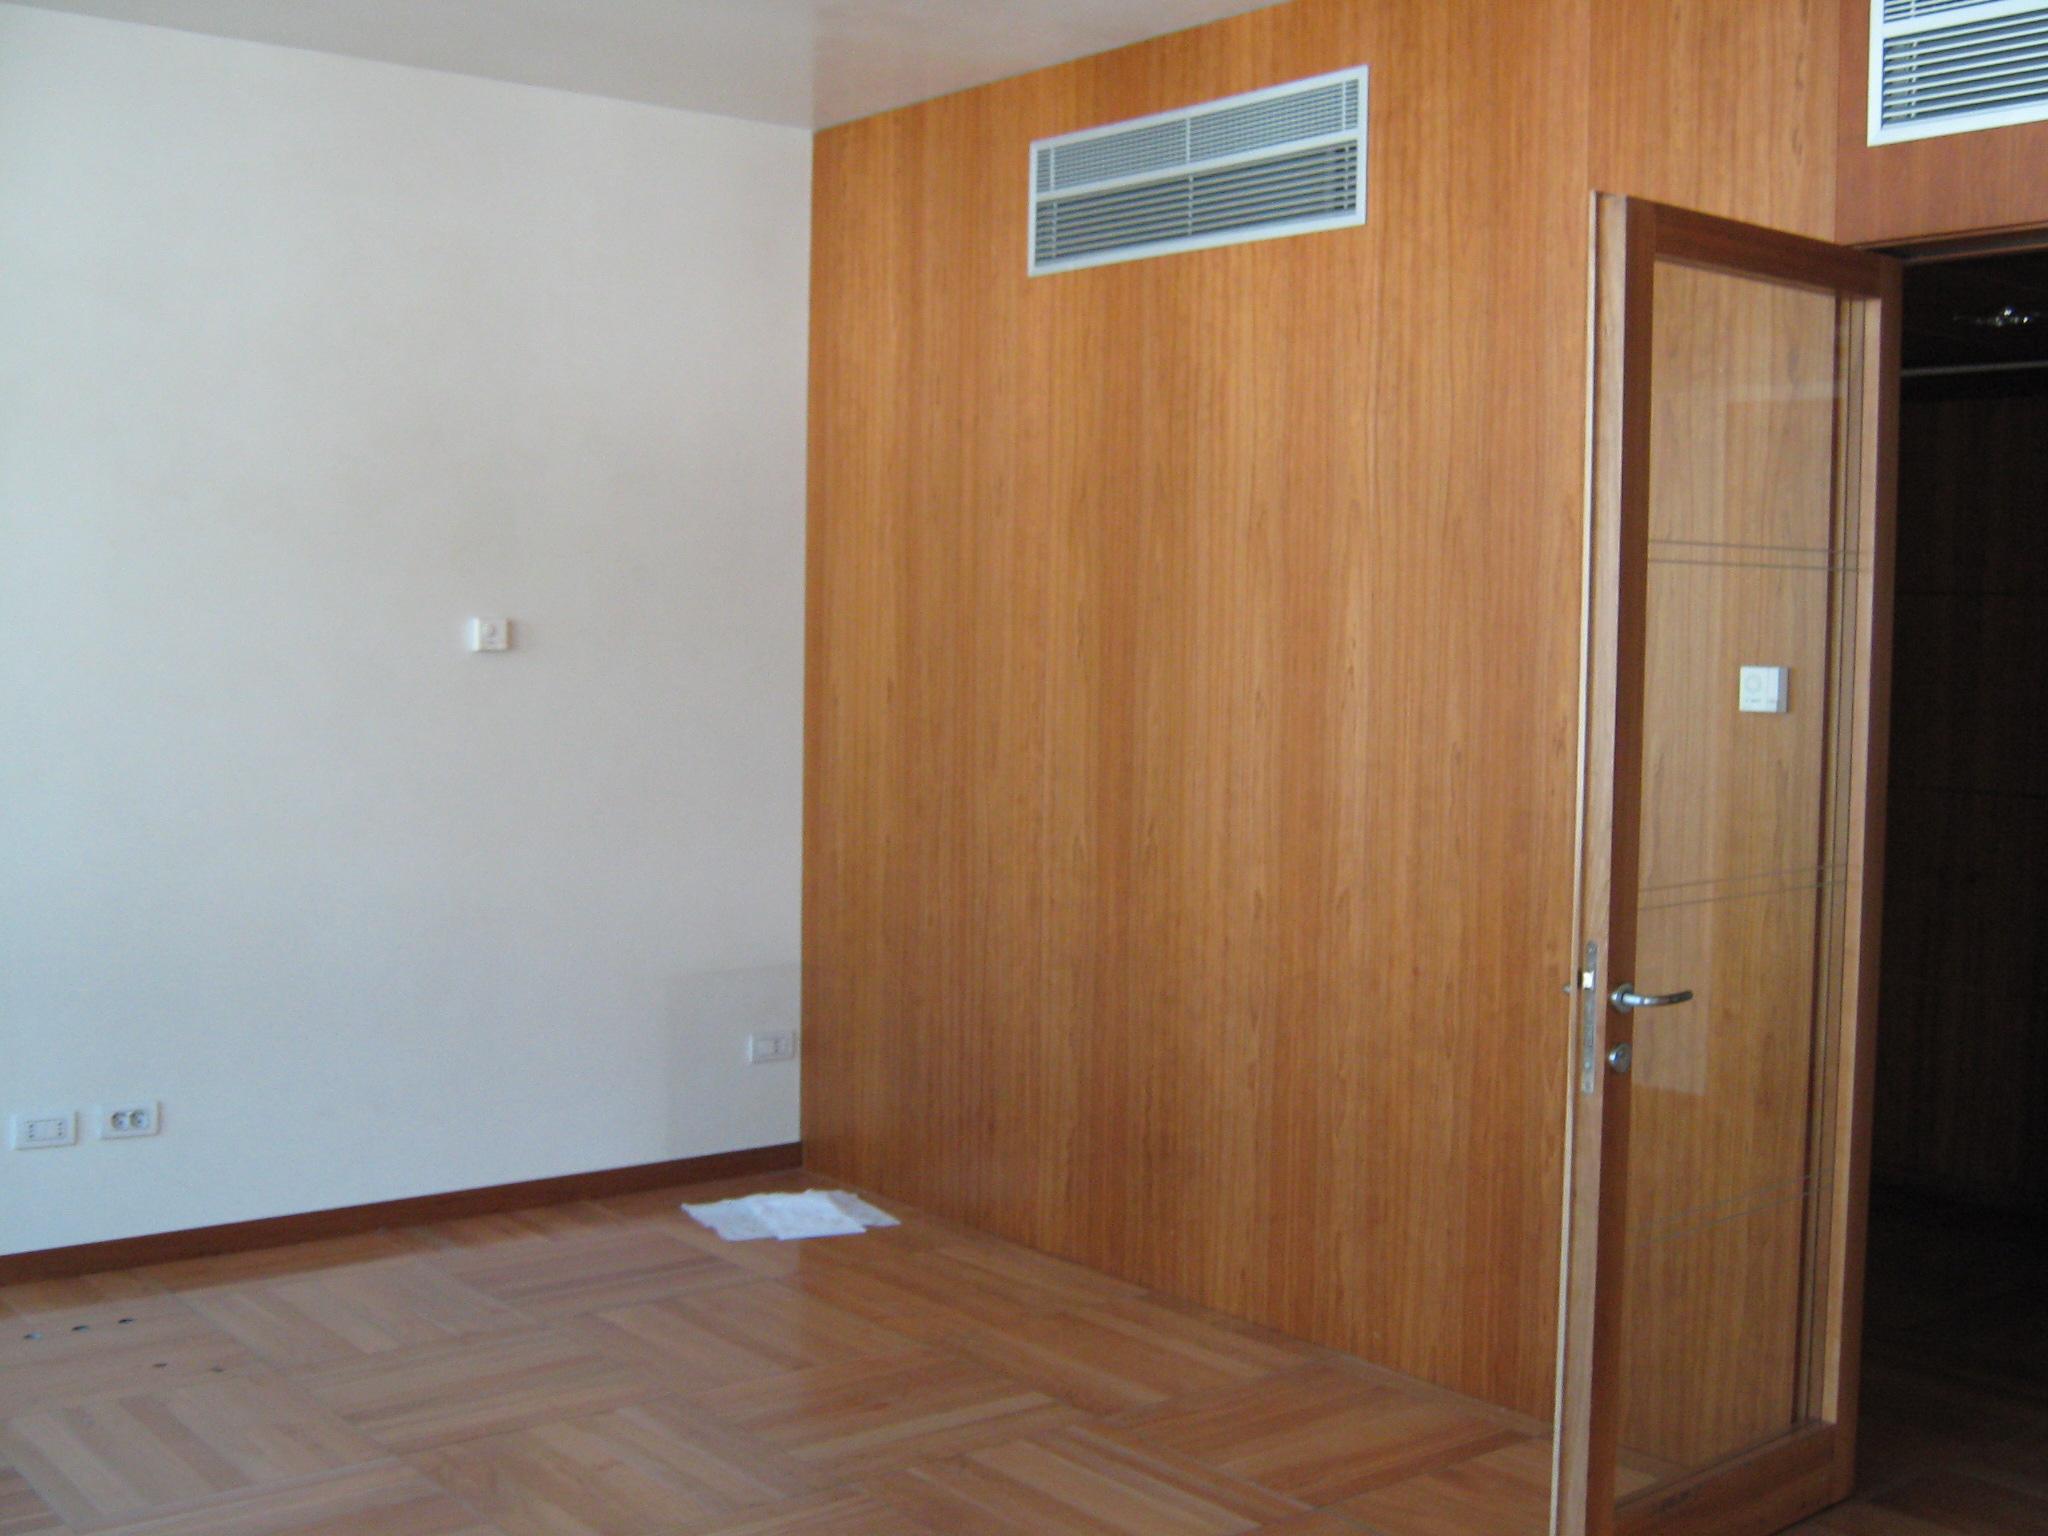 4. Disposizione a parete di impianto di condizionamento su tramezzo rivestito in legno: stato di fatto.